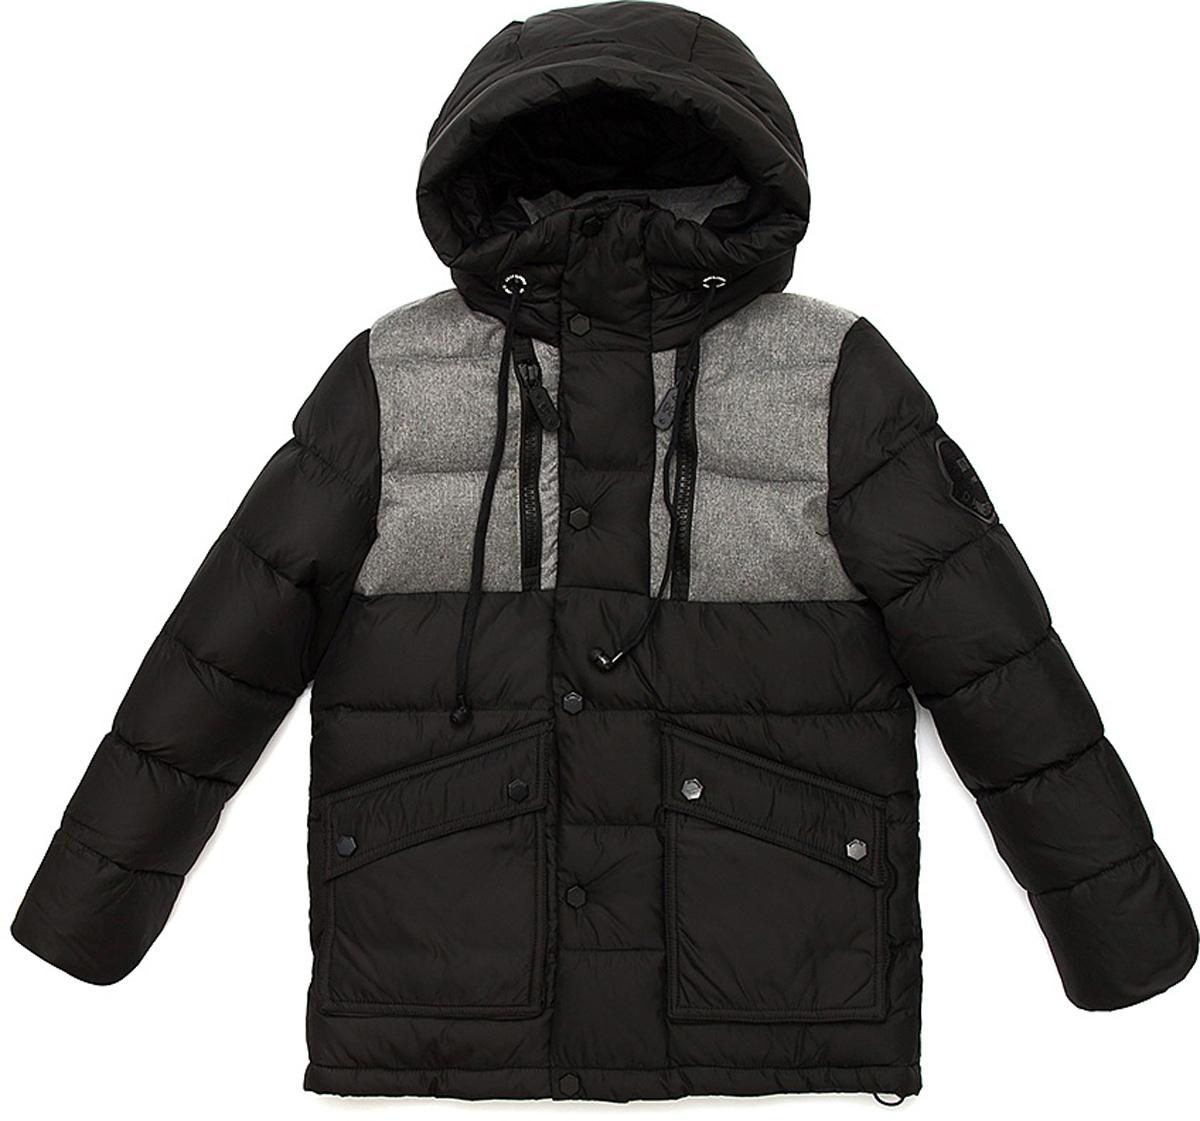 Куртка для мальчика Vitacci, цвет: черный. 1171481-03. Размер 1301171481-03Удлиненная куртка для мальчика Vitacci, изготовленная из полиэстера, станет стильнымдополнением к детскому гардеробу.Подкладка выполнена из полиэстера и дополнительно утеплена флисом по спинке. В качестве наполнителя используется биопух.Куртка со съемным капюшоном и воротником-стойкой застегивается на пластиковую застежку-молнию и дополнительно имеет внешнюю ветрозащитную планку на кнопках. Температурный режим от -10°С до -25°С.Теплая, удобная и практичная куртка идеально подойдет юному моднику для прогулок!